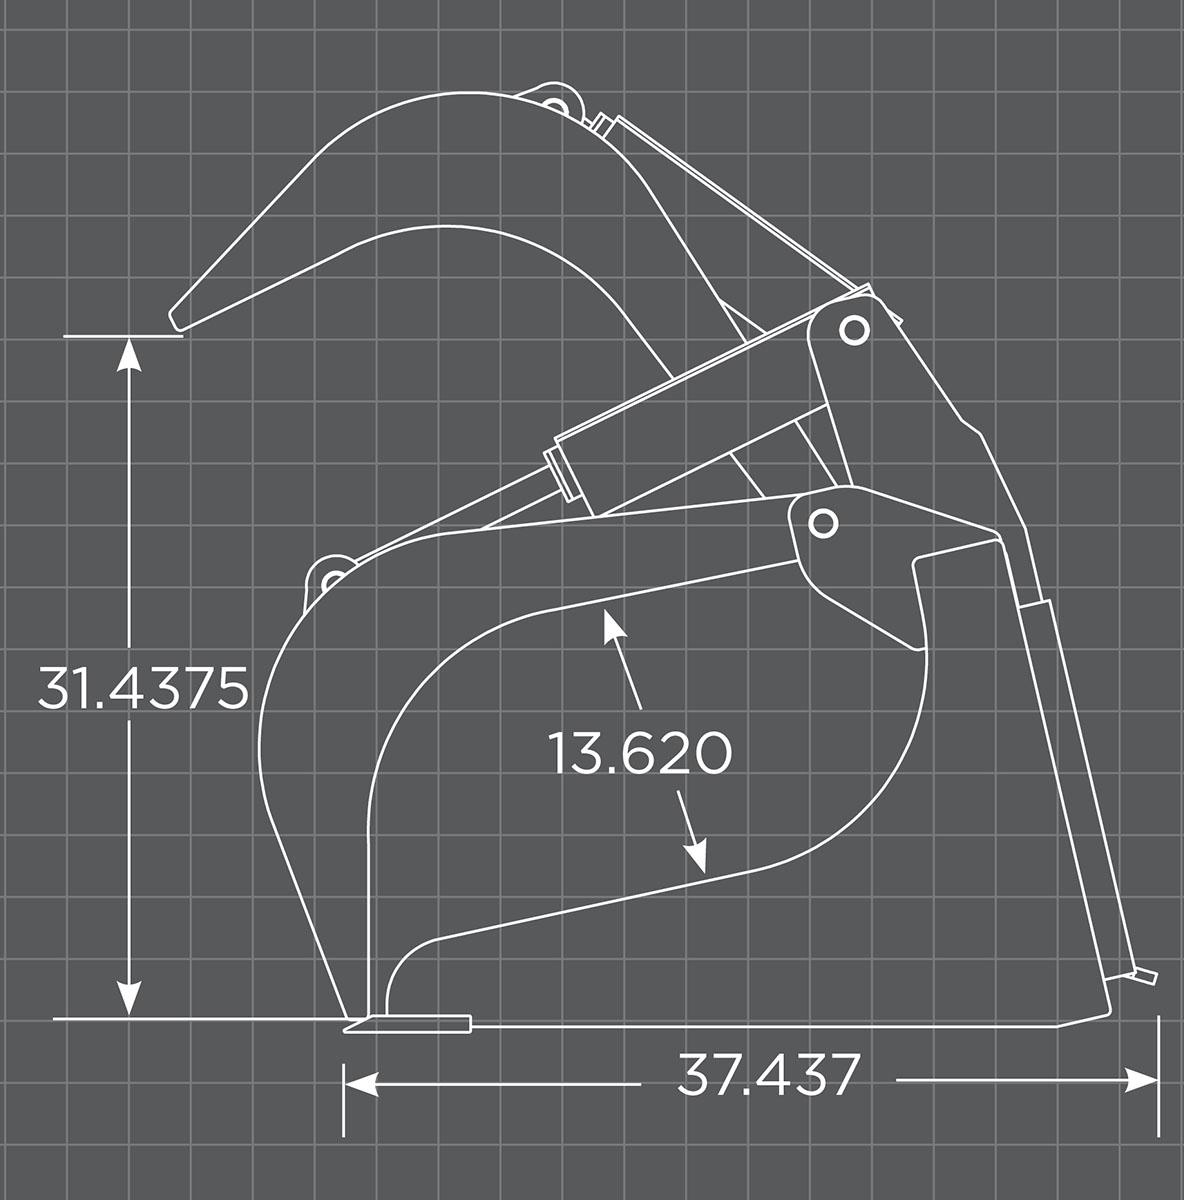 Grapple Bucket Schematic